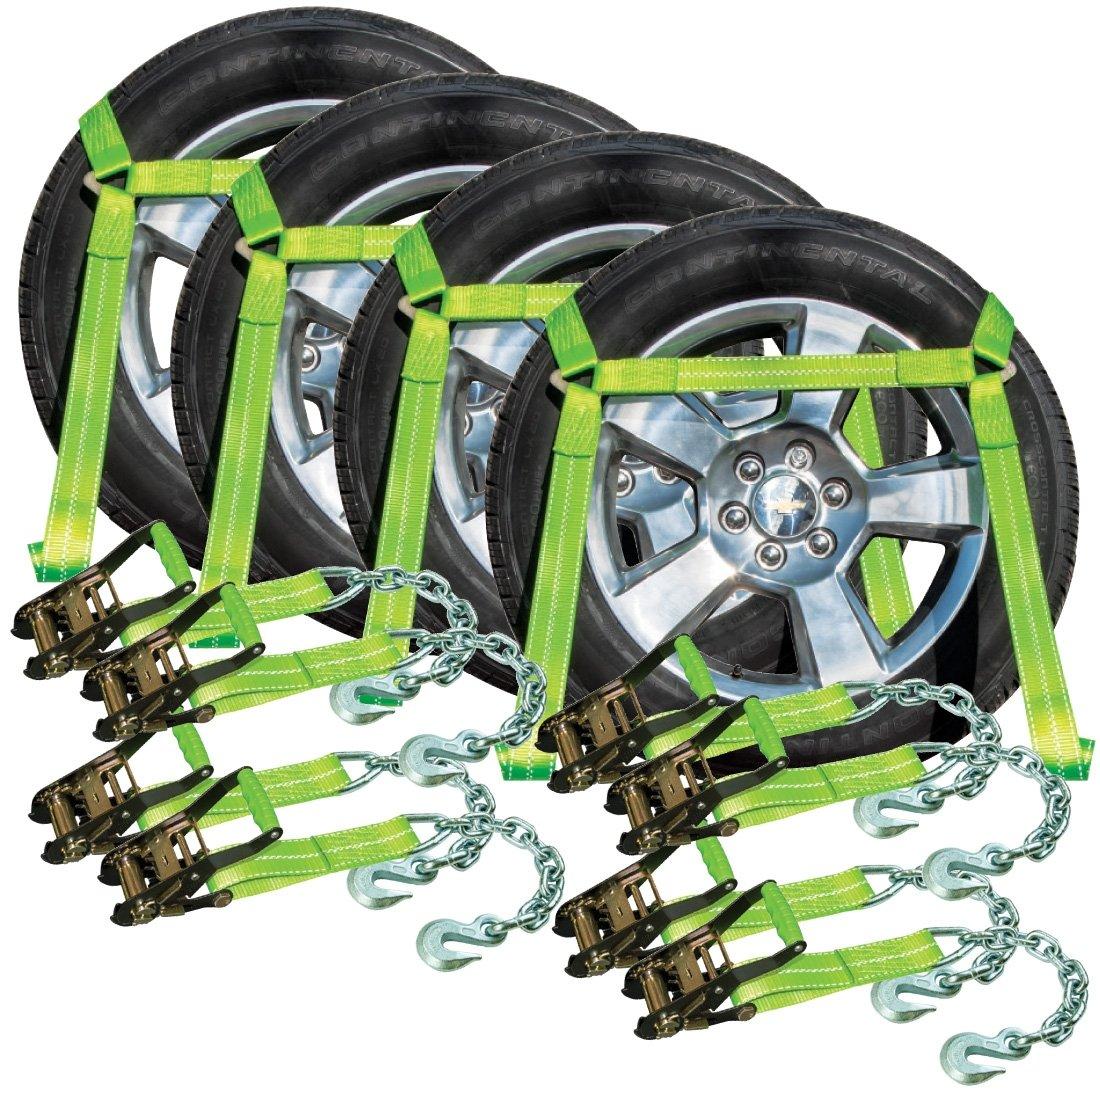 VULCAN Hi-Viz Side Rail Auto Tie Down w/Chain Anchors - 3300 lbs. SWL, 4 Pack